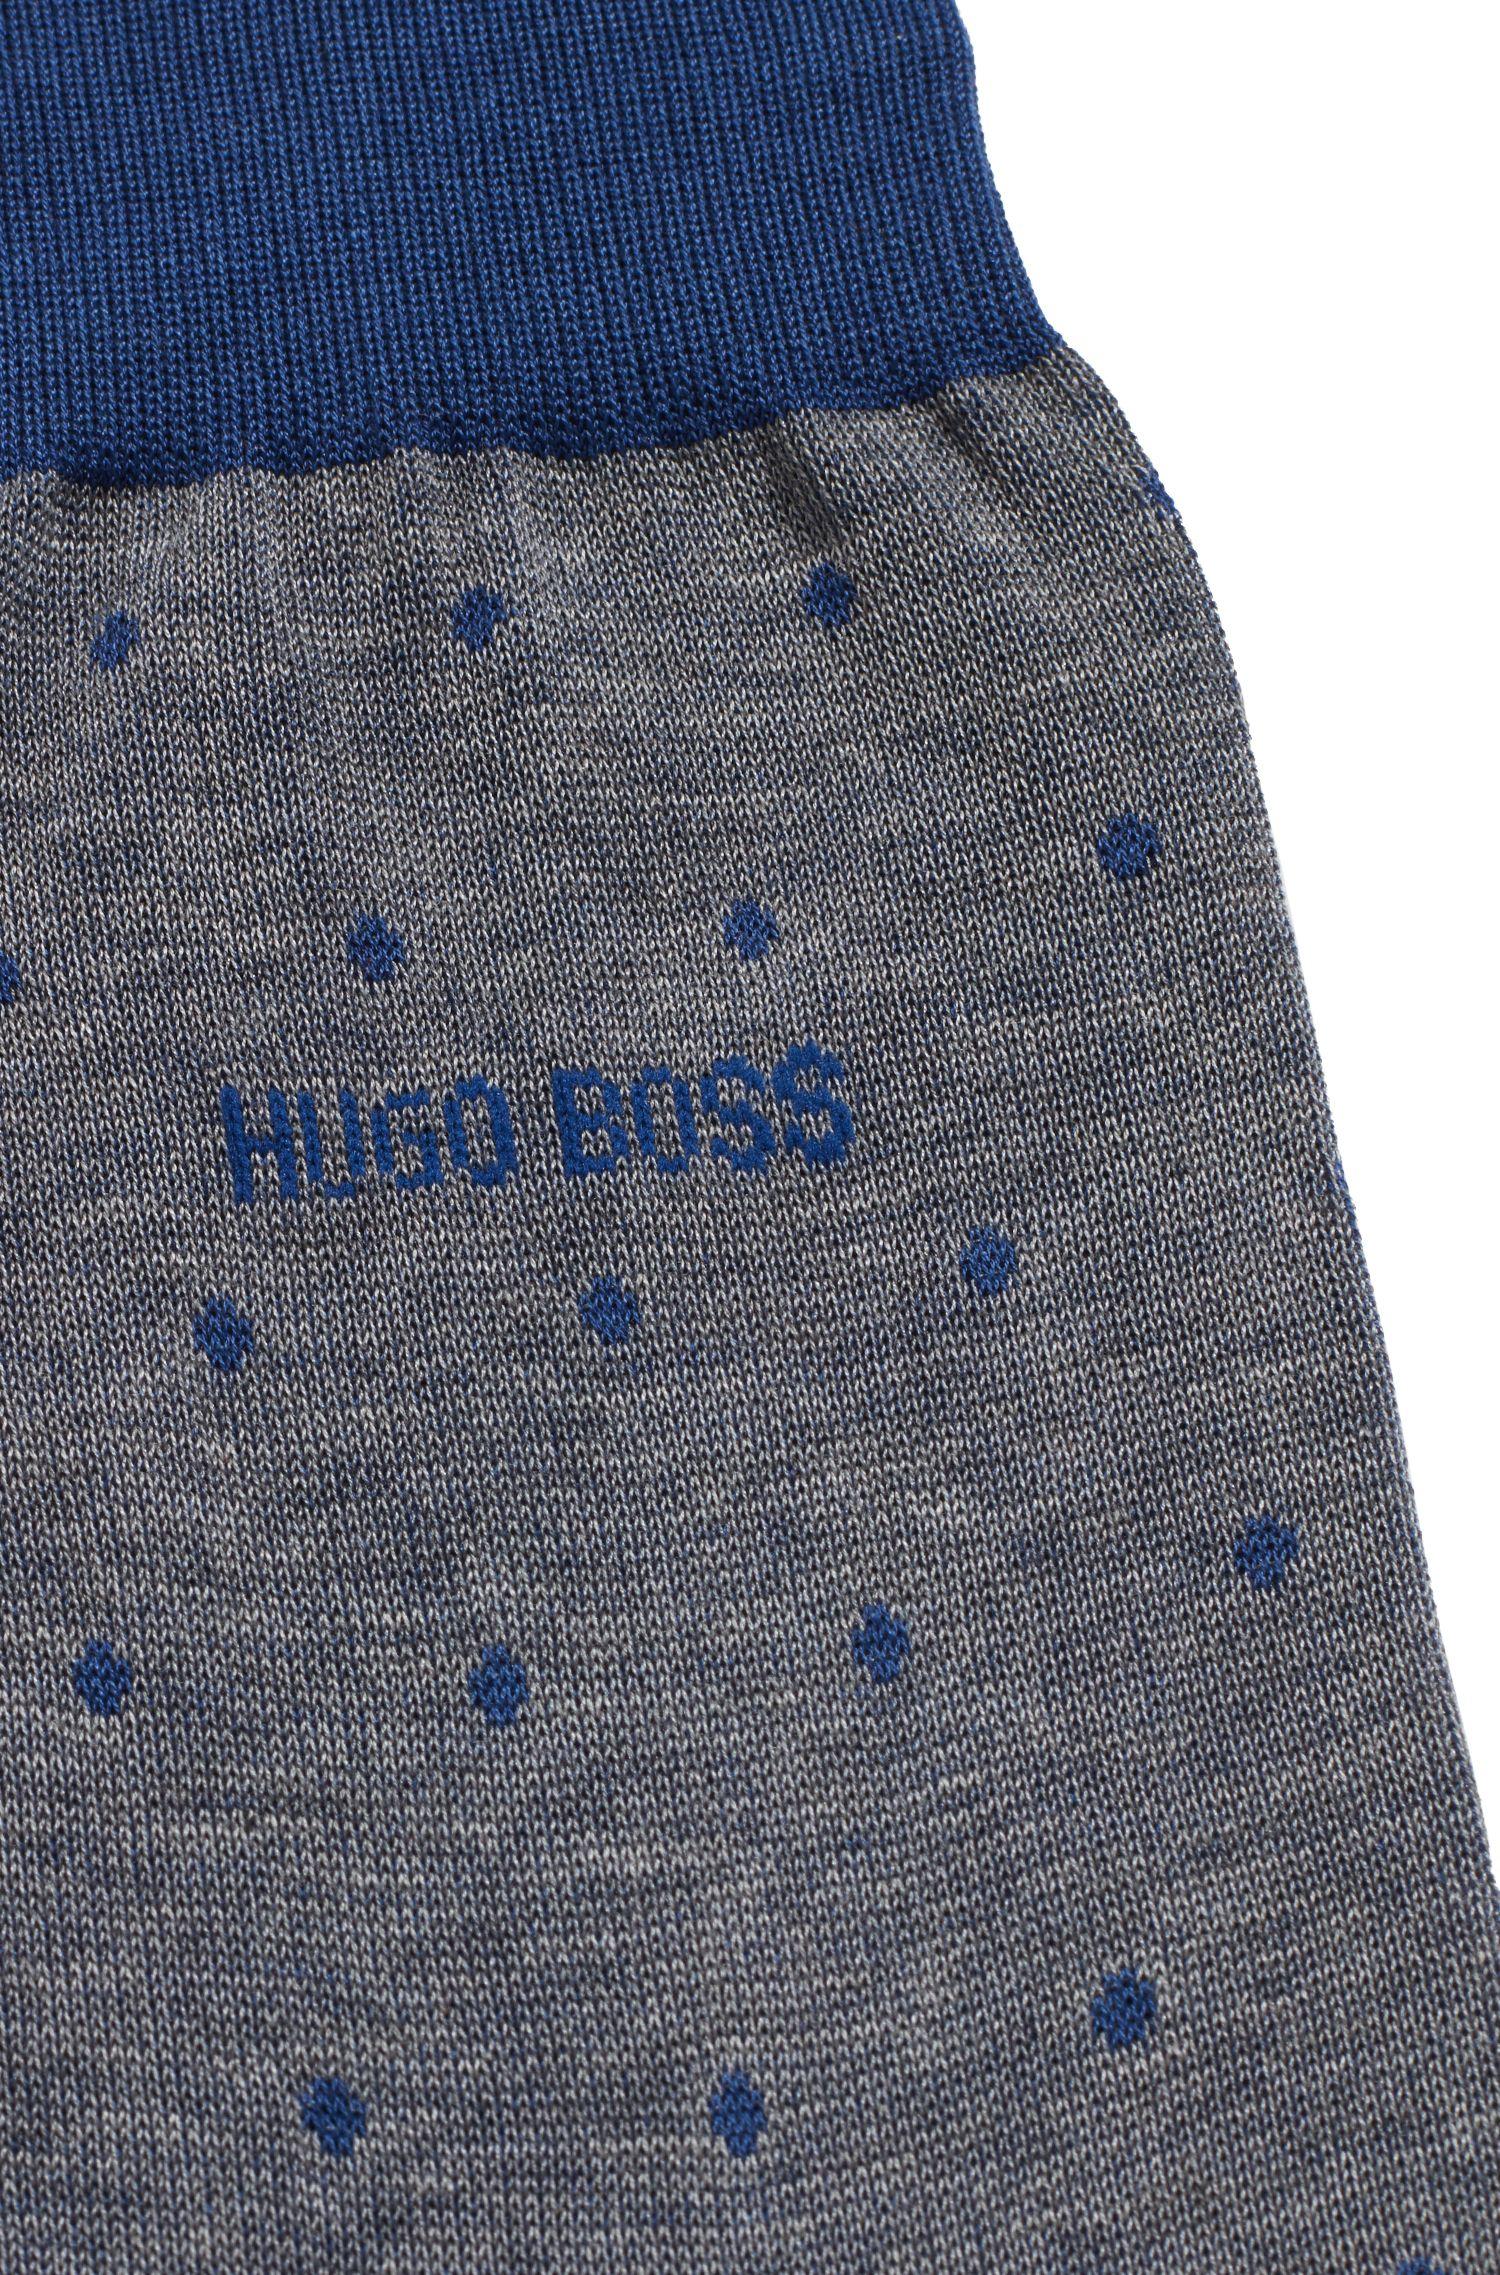 Chaussettes légères en coton mercerisé à pois, Bleu